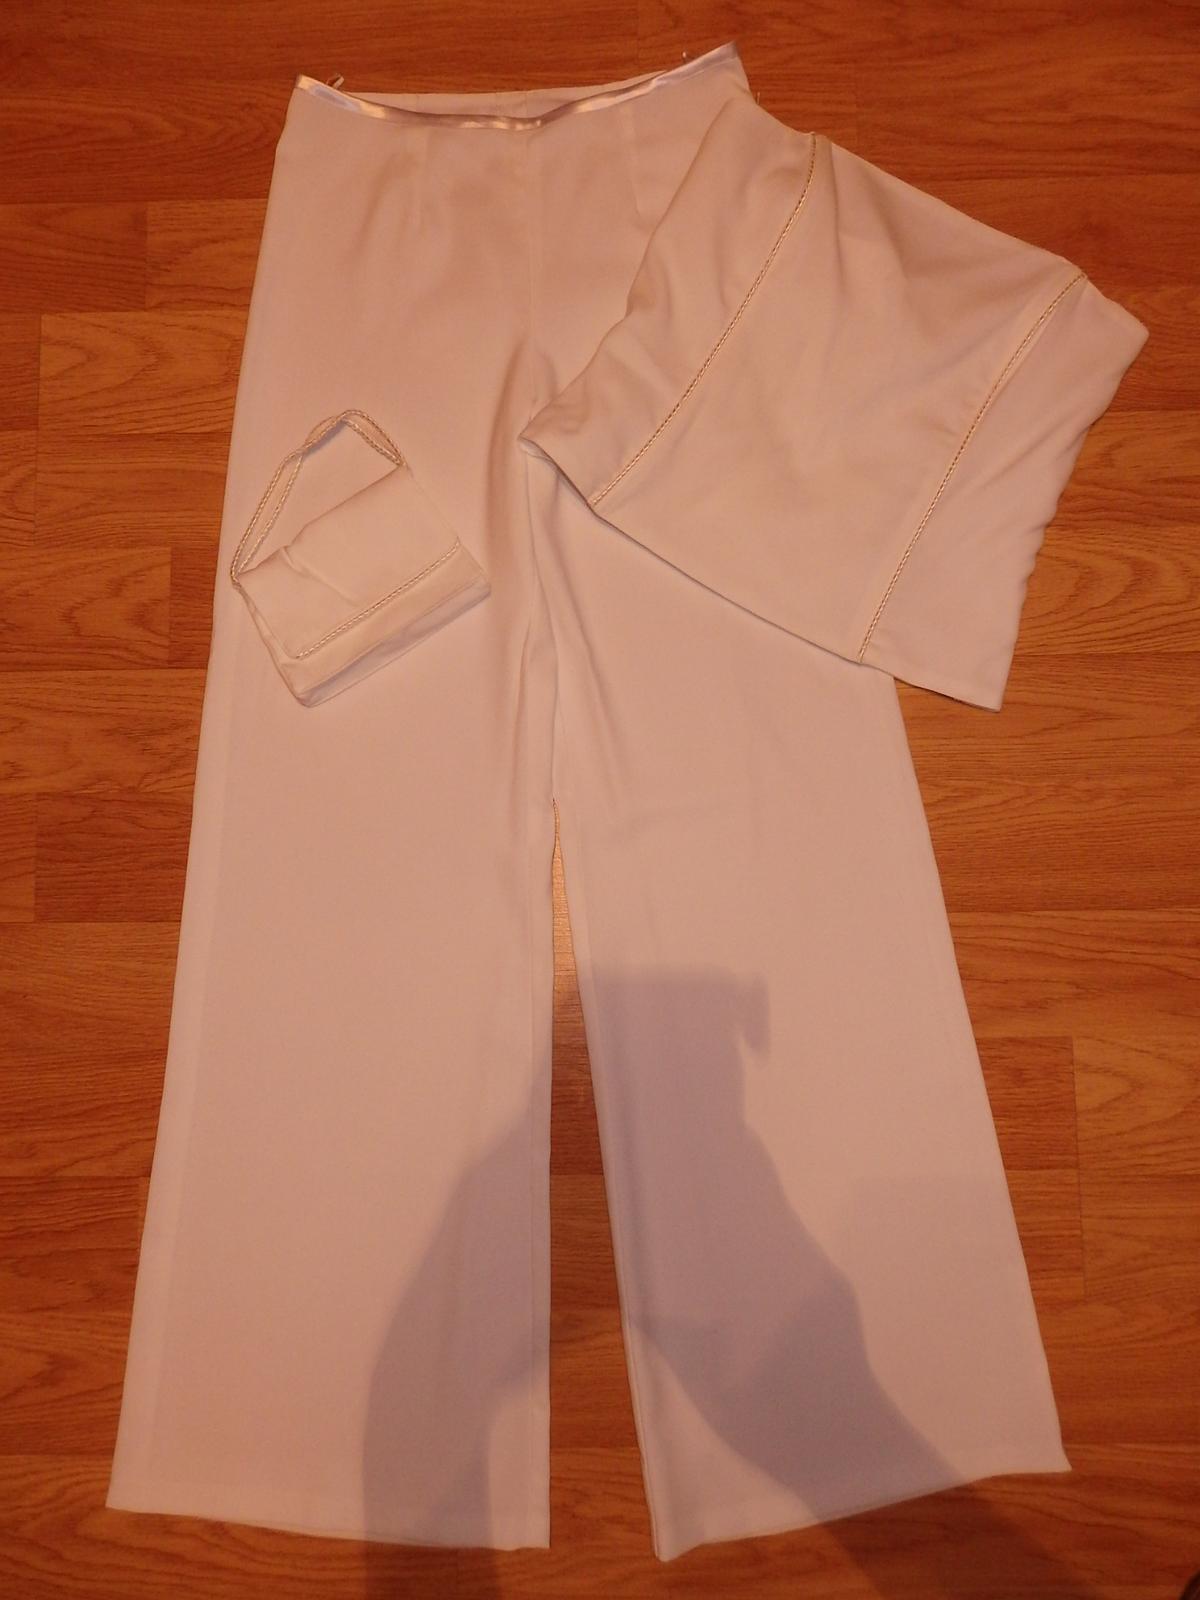 biely nohavicový kostým - Obrázok č. 3